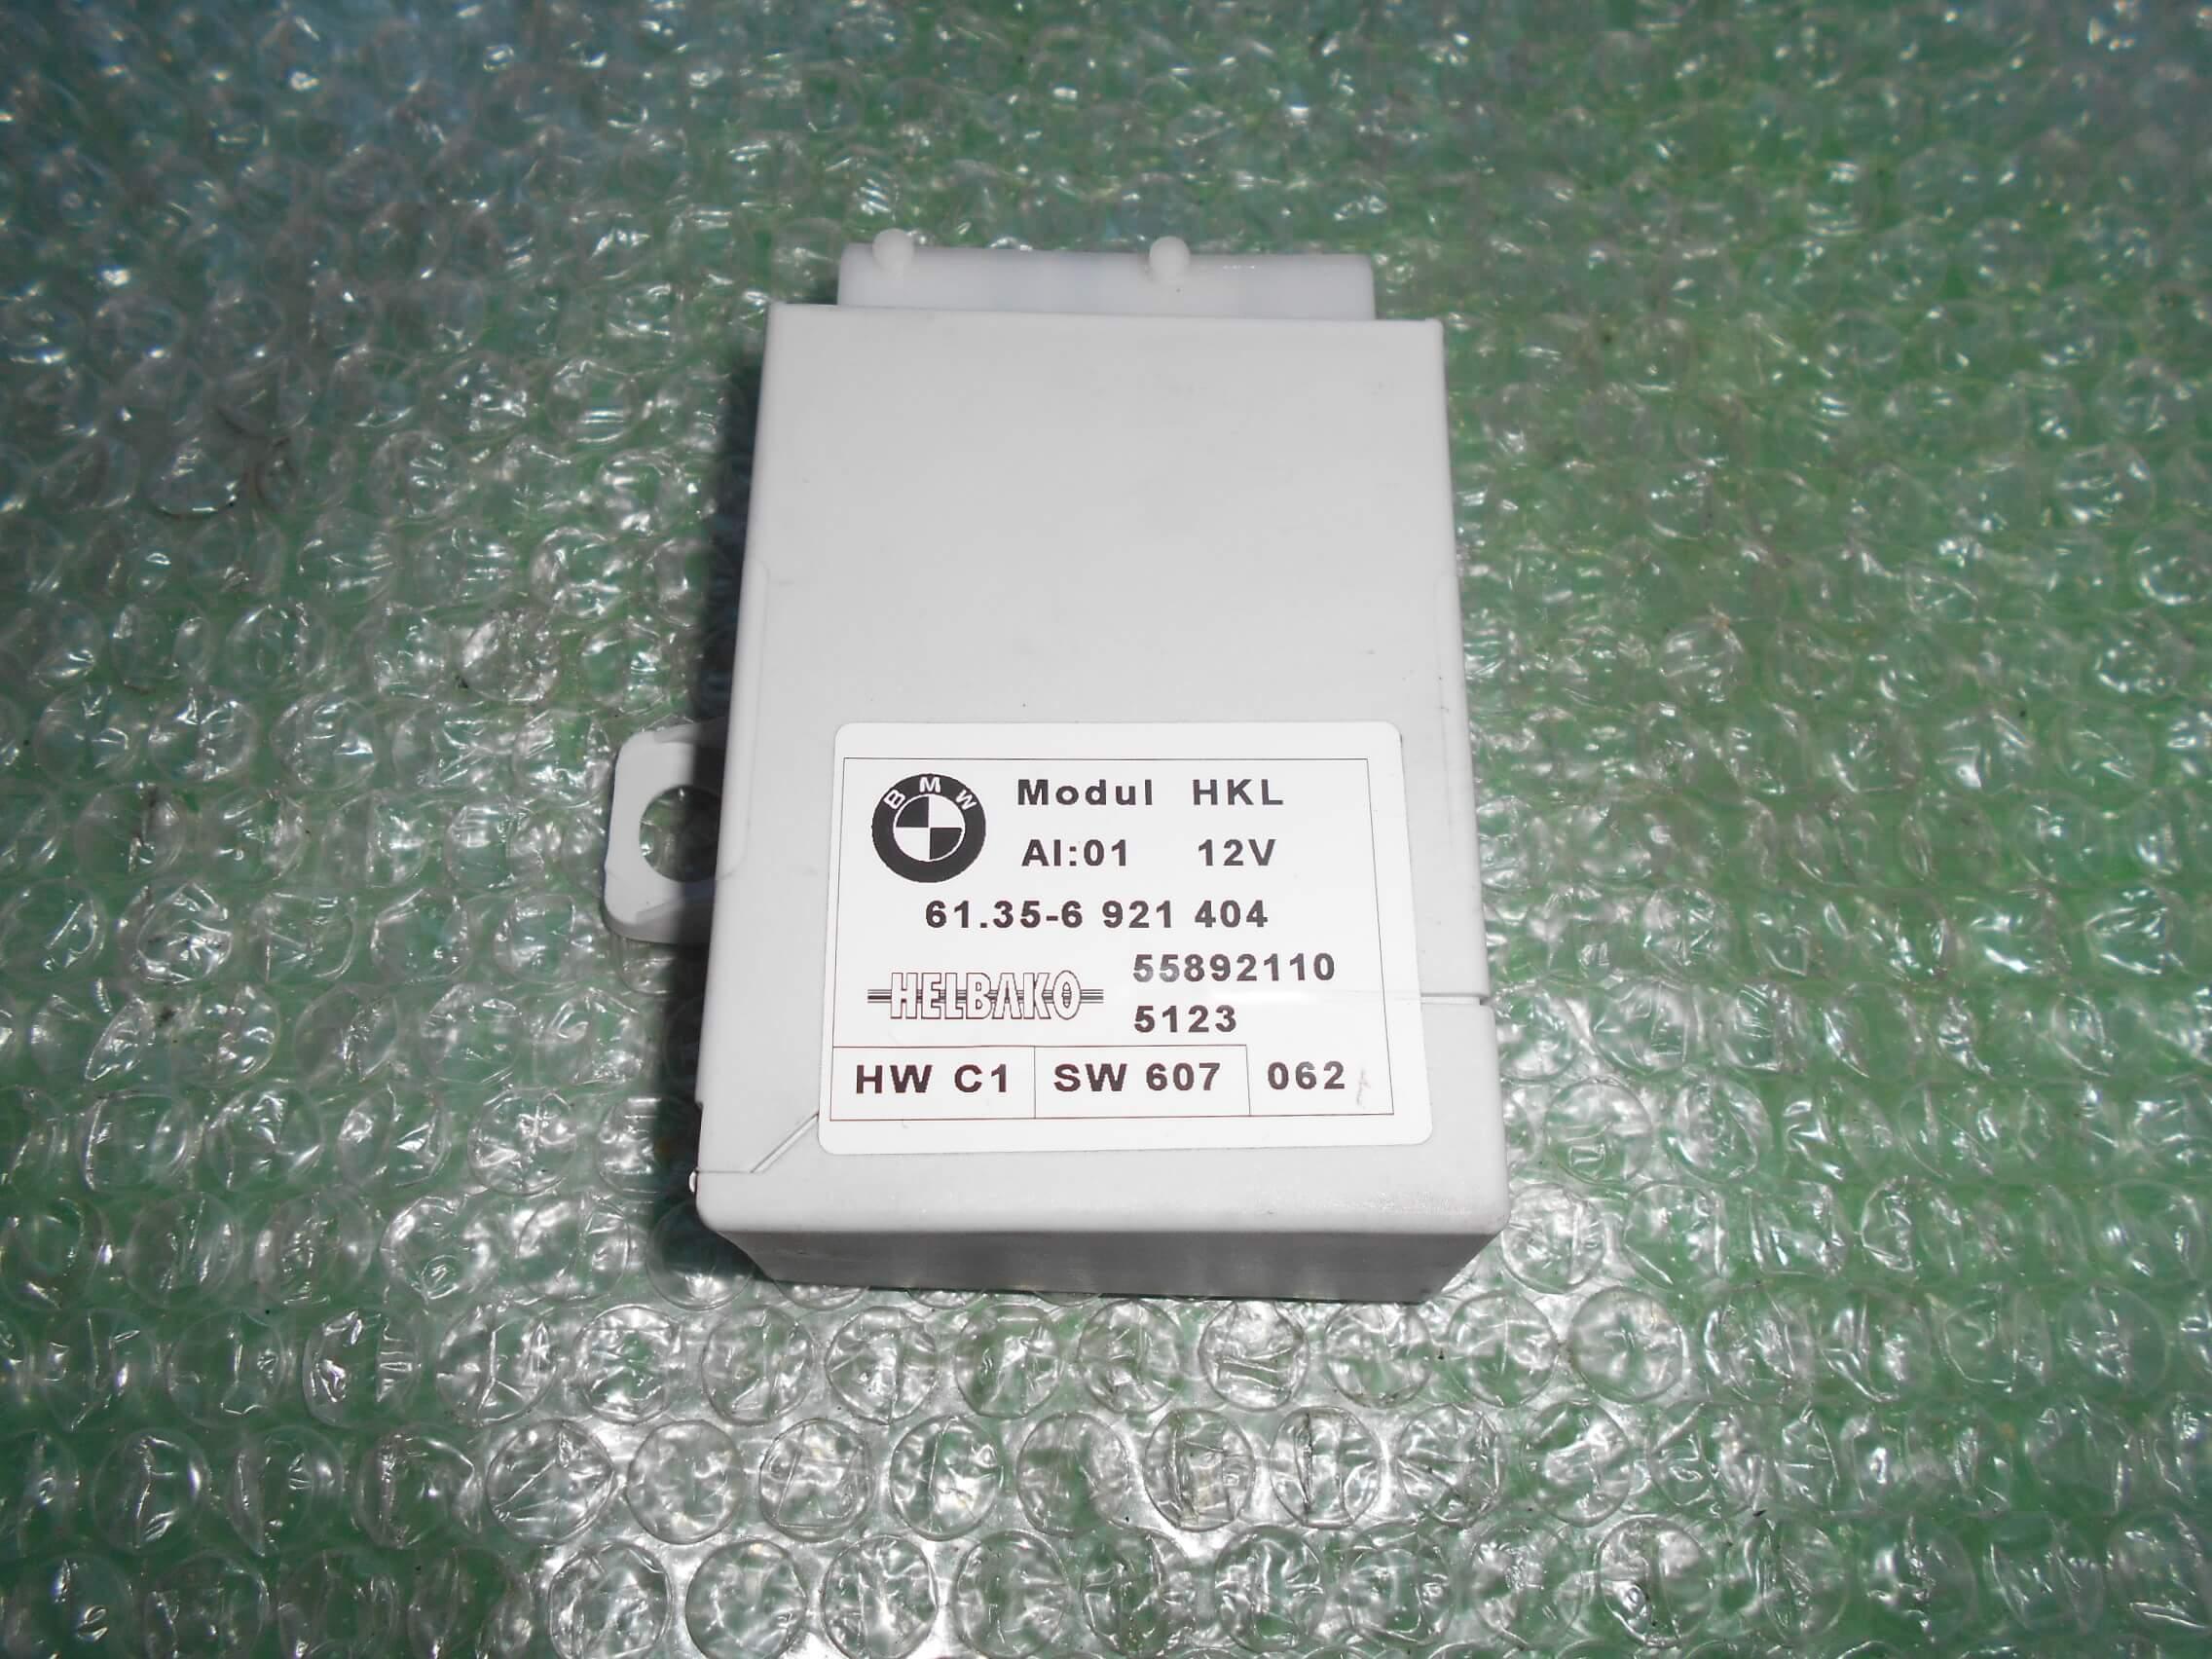 UNIDAD DE CONTROL DE ELEVACION DEL MALETERO 61.35-6921404 – HELBAKO 55892110 BMW SERIE 7 (E65)(2001-2009)